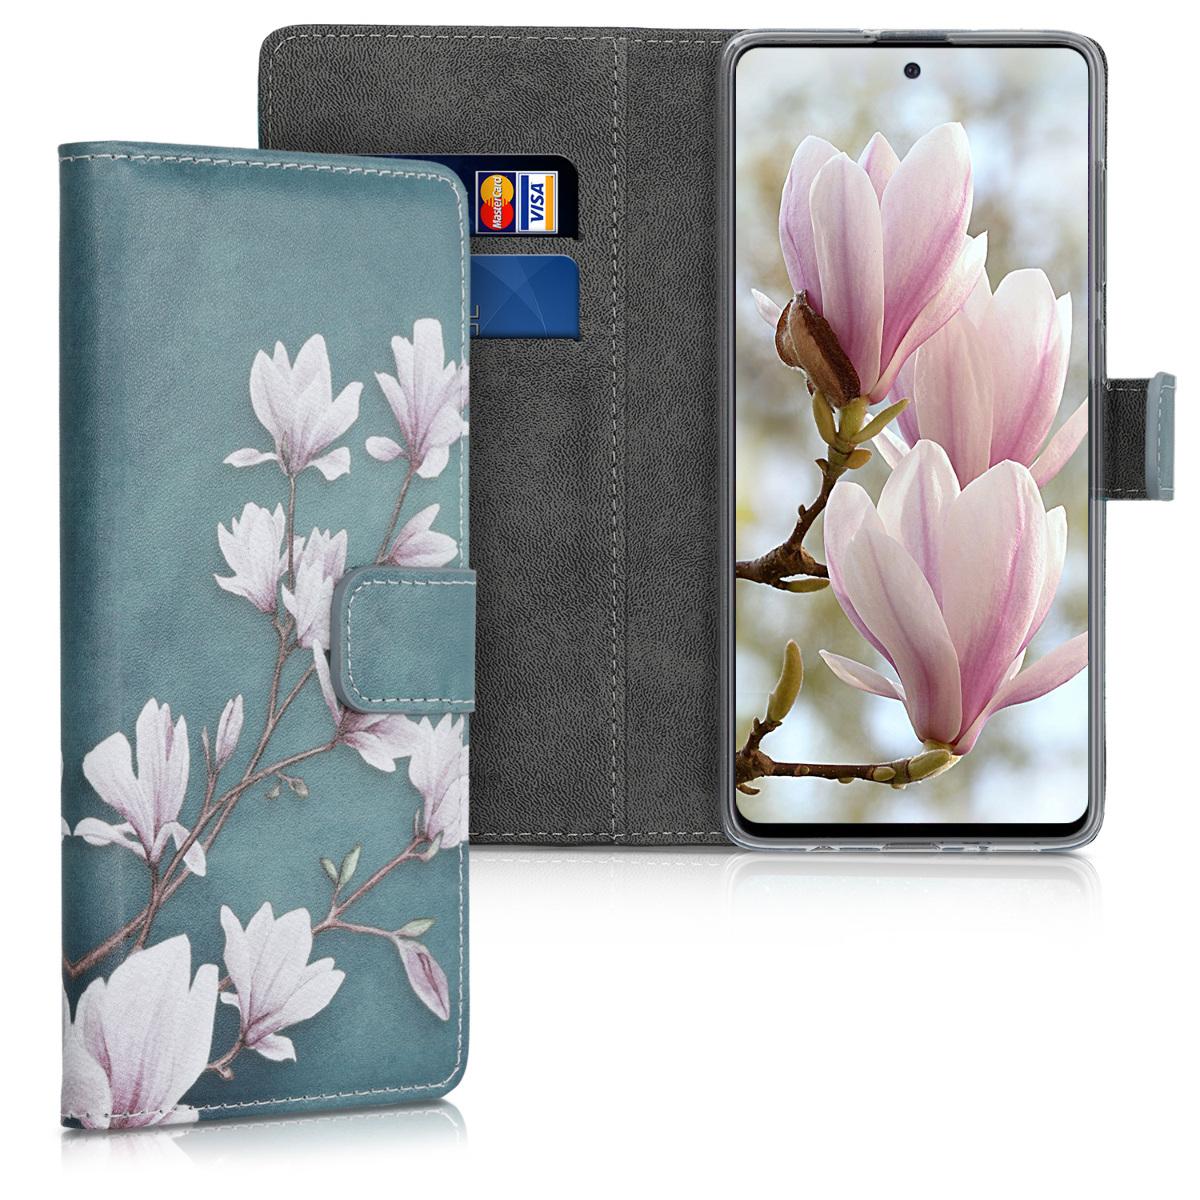 KW Θήκη - Πορτοφόλι Samsung Galaxy A71 - Magnolias - Taupe / White / Blue Grey (51205.01)